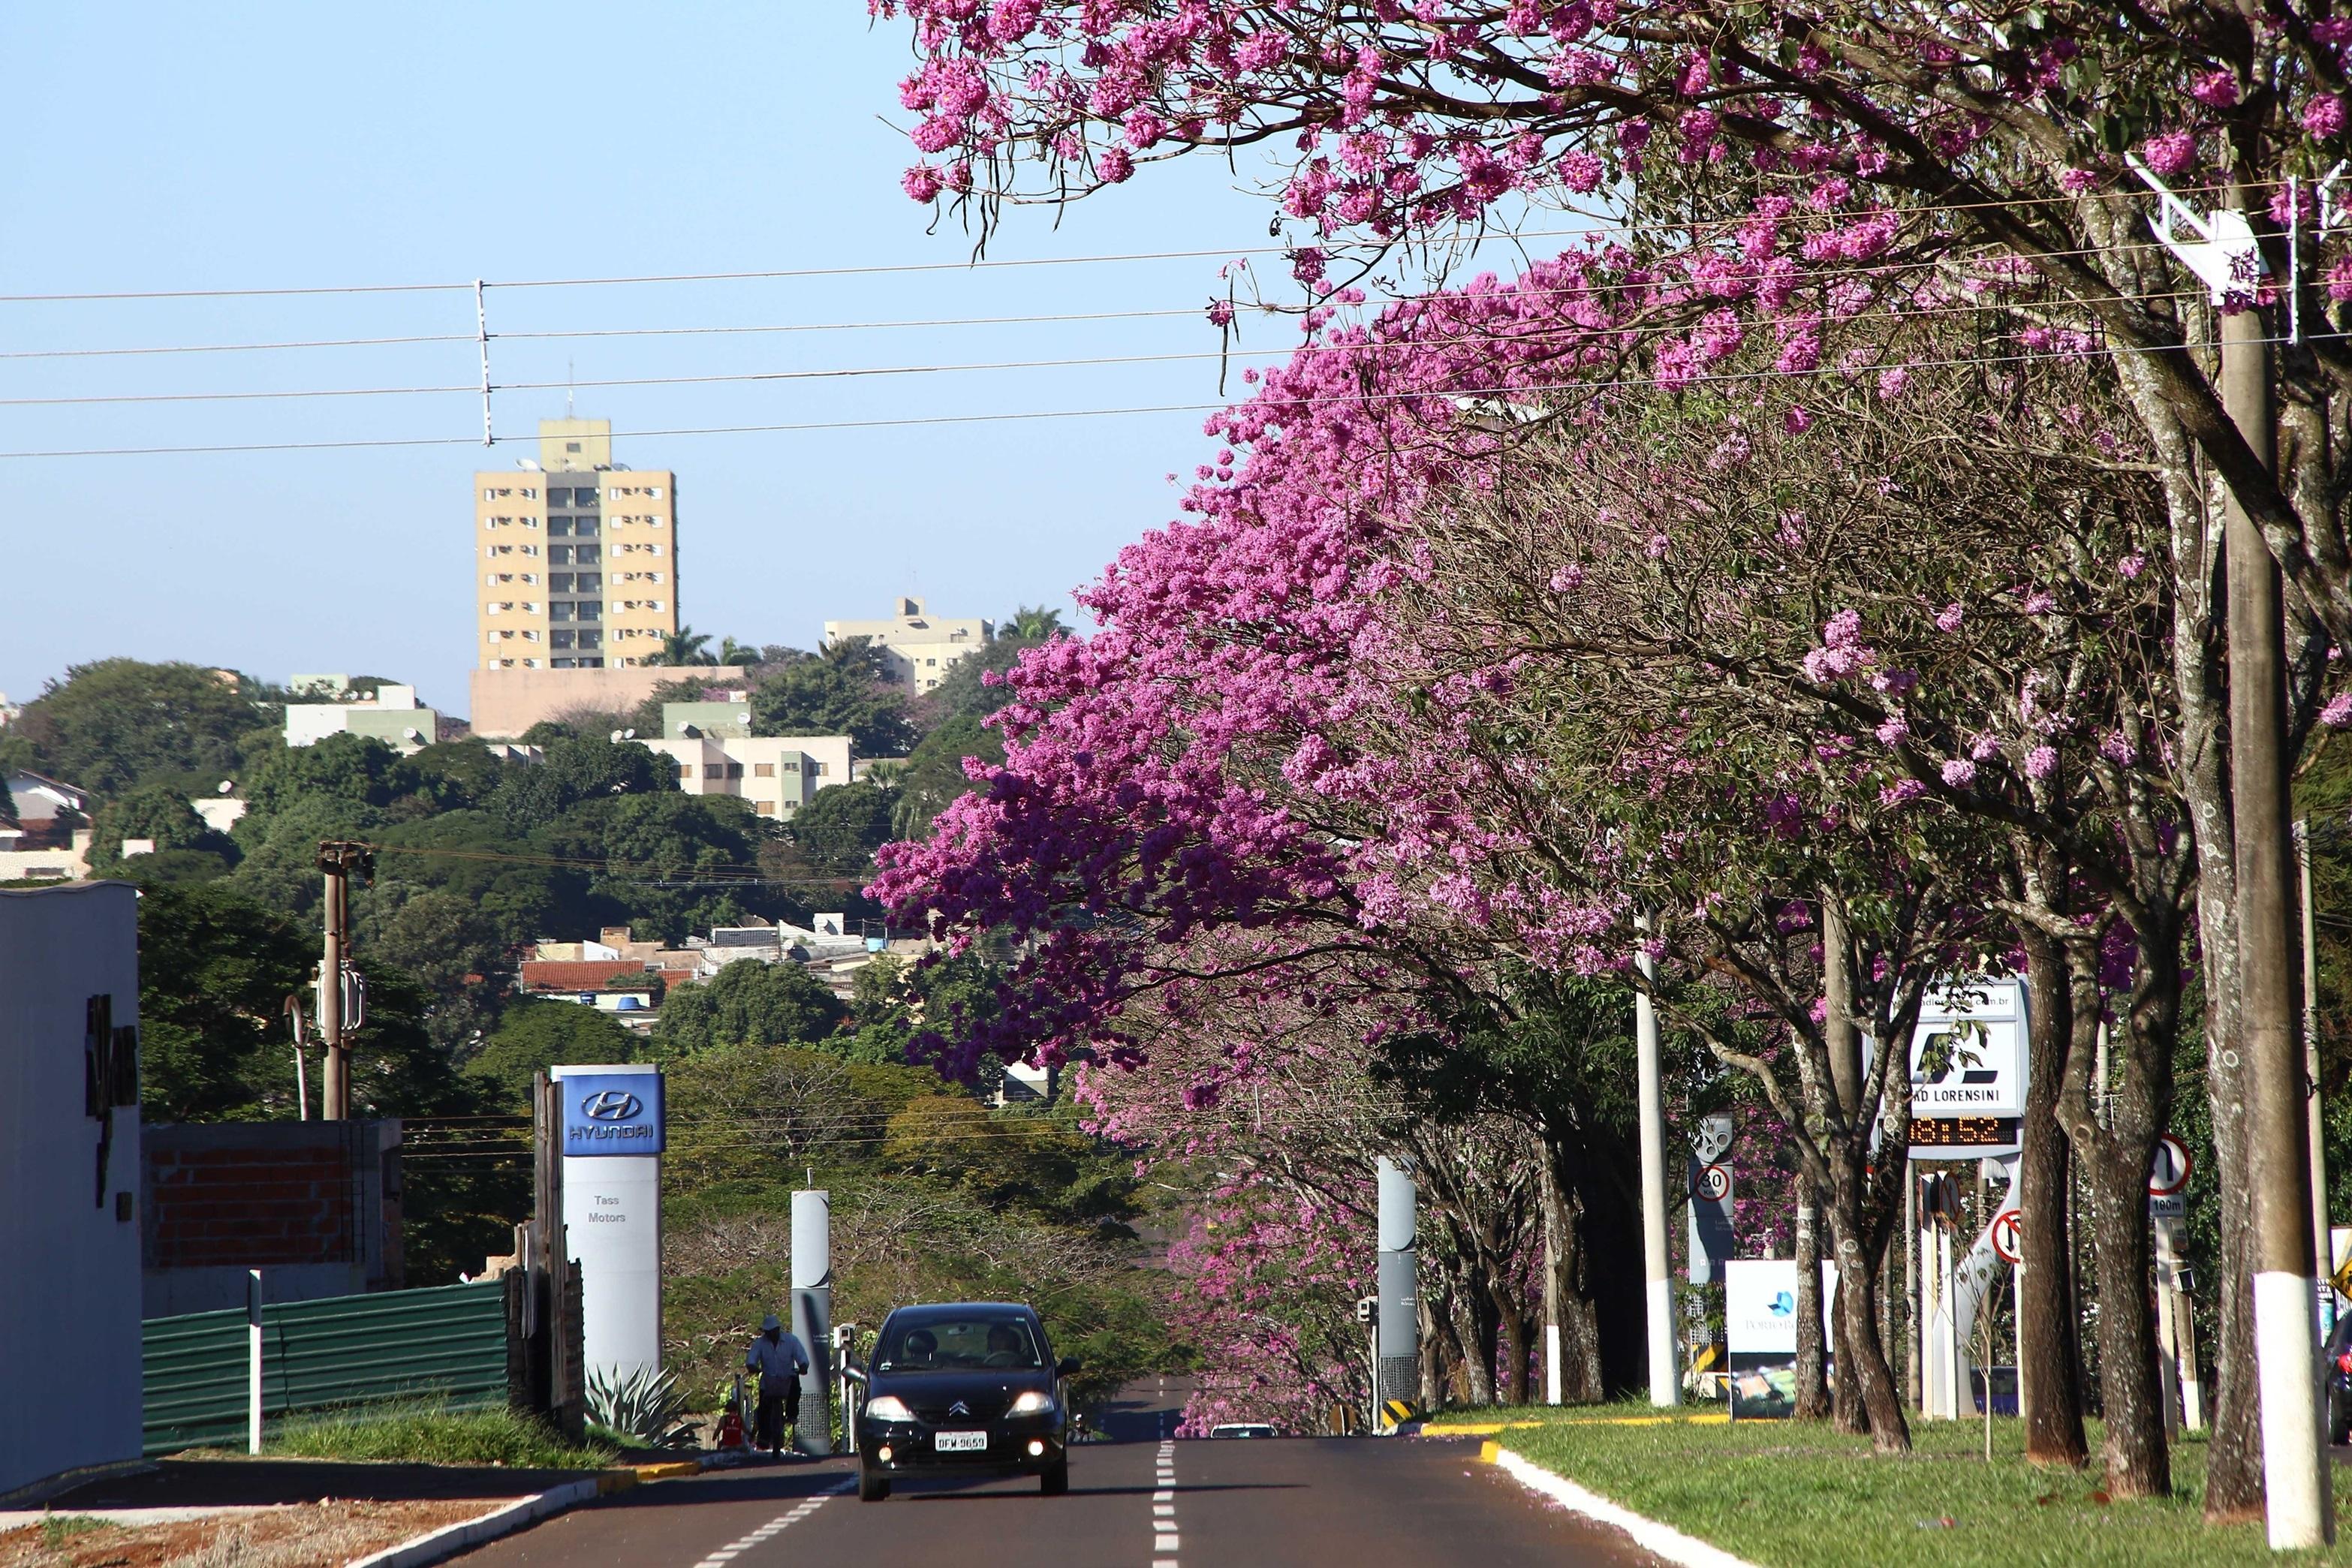 Diretrizes do Plano de Arborização Urbana de Dourados serão apresentadas em reunião pública virtual, na quinta